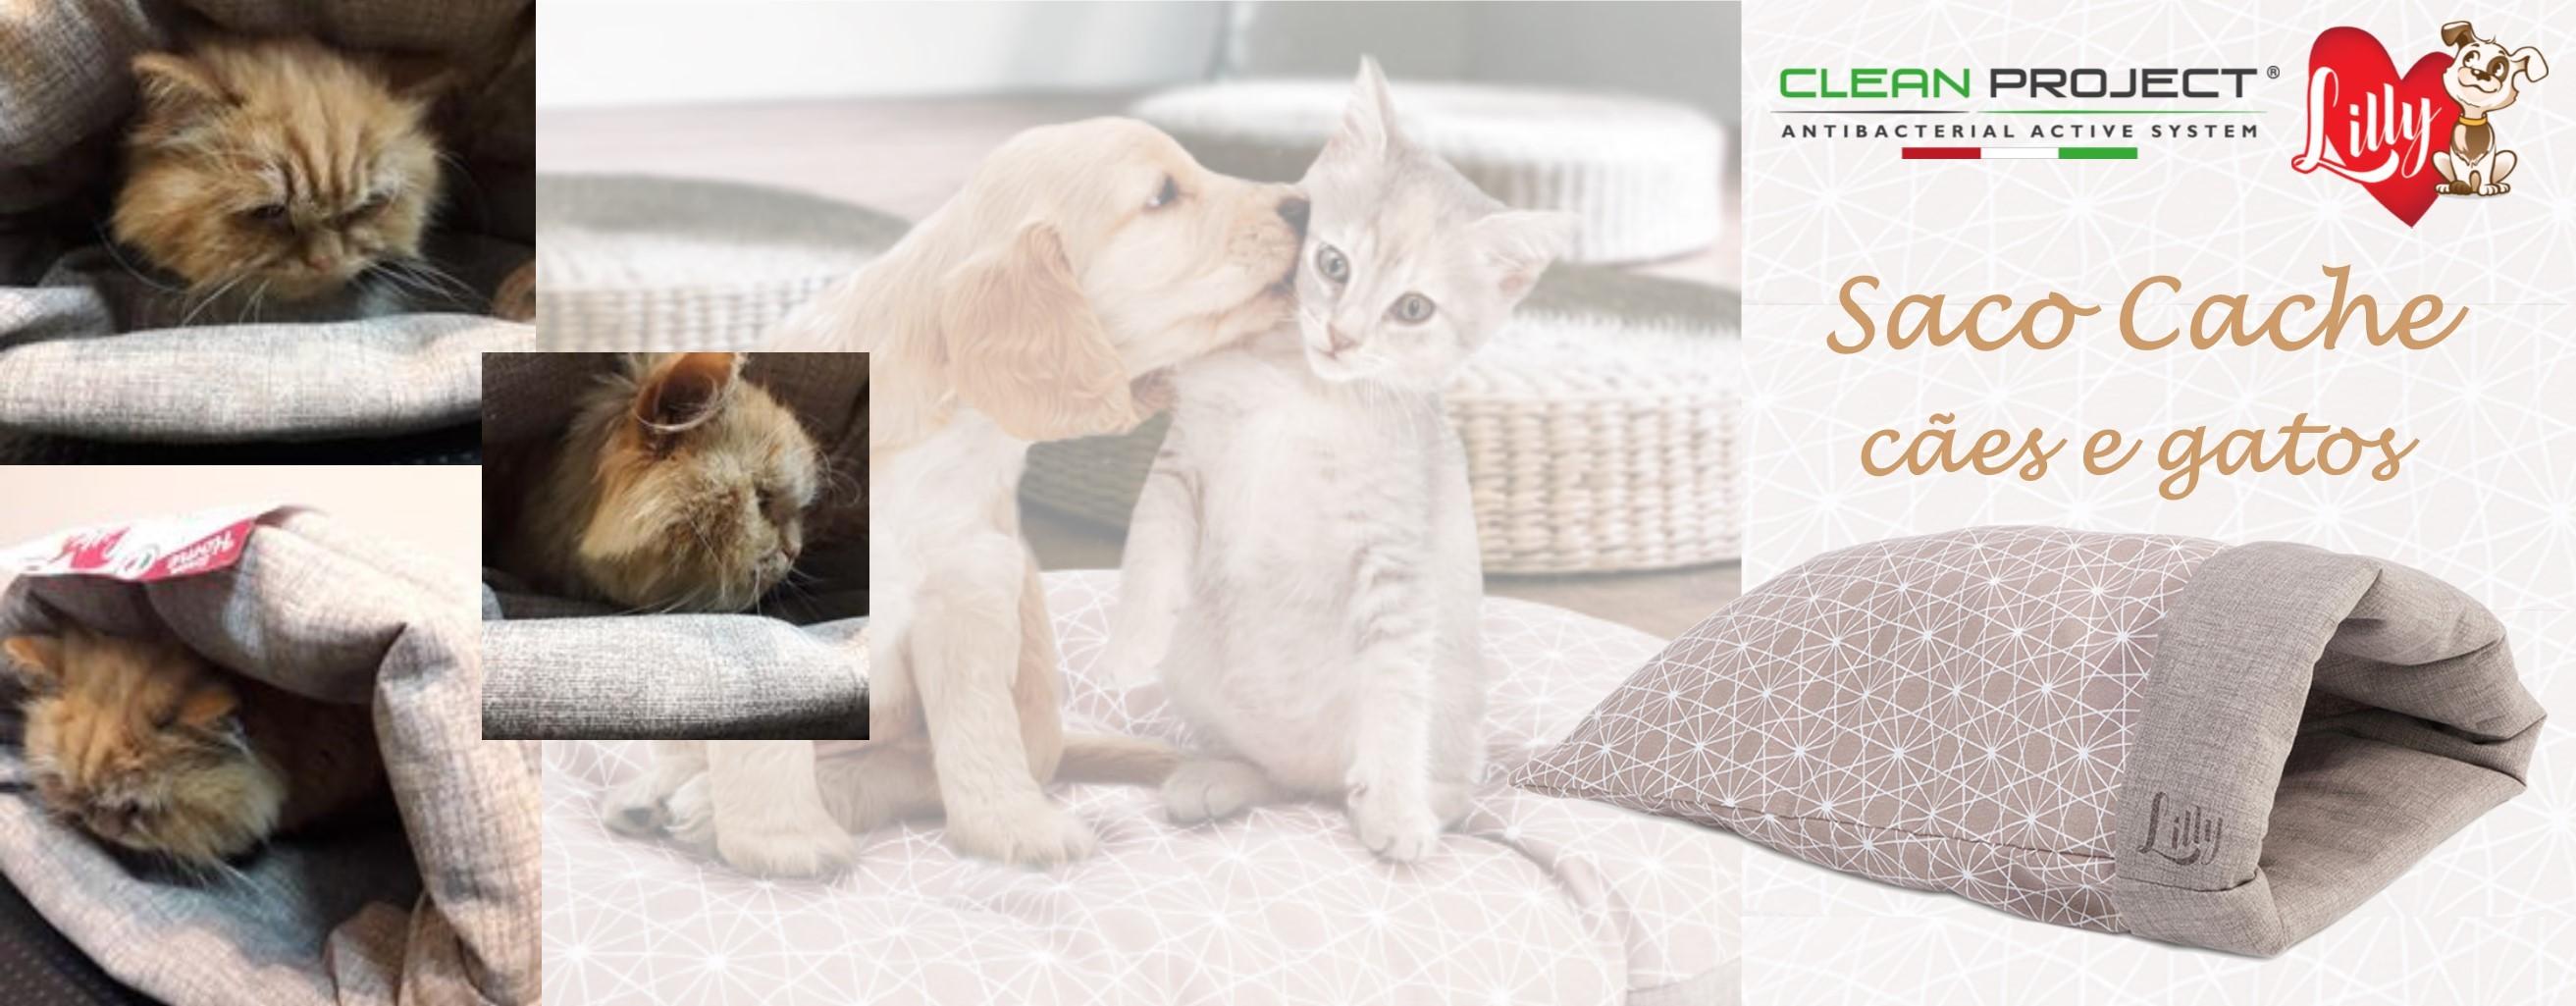 Saco para cães e gatos